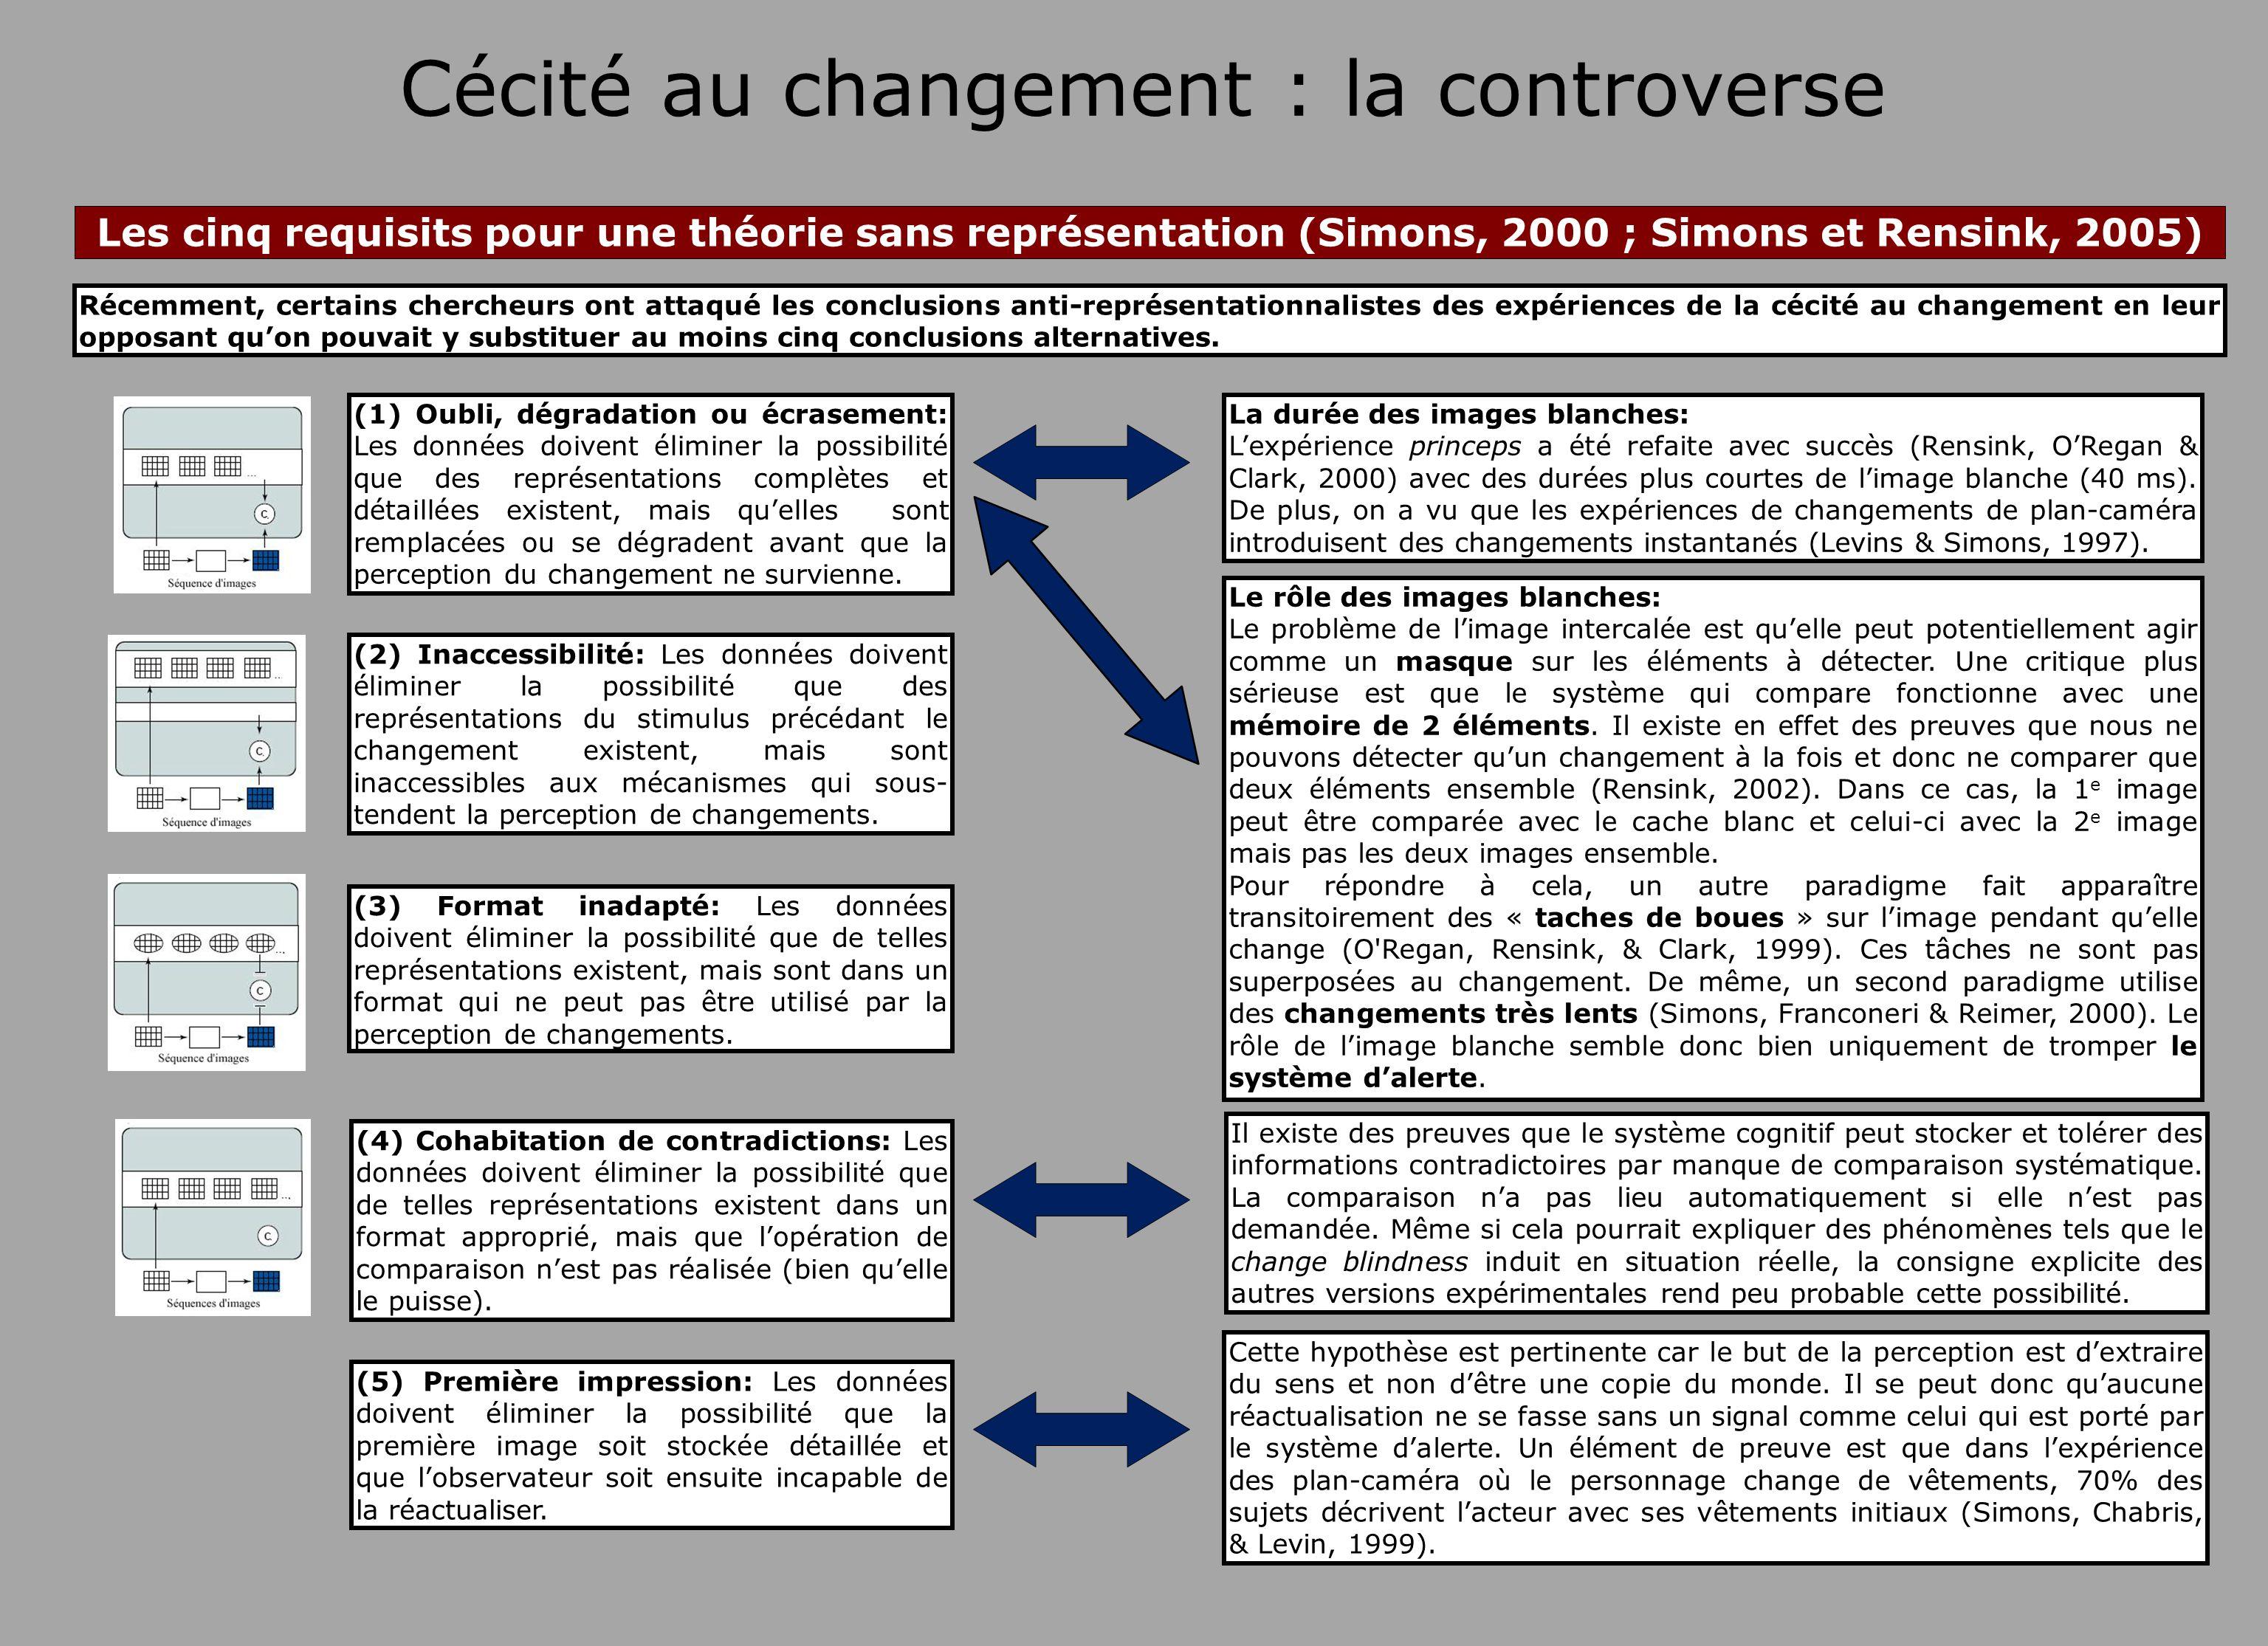 Cécité au changement : la controverse (4) Cohabitation de contradictions: Les données doivent éliminer la possibilité que de telles représentations ex